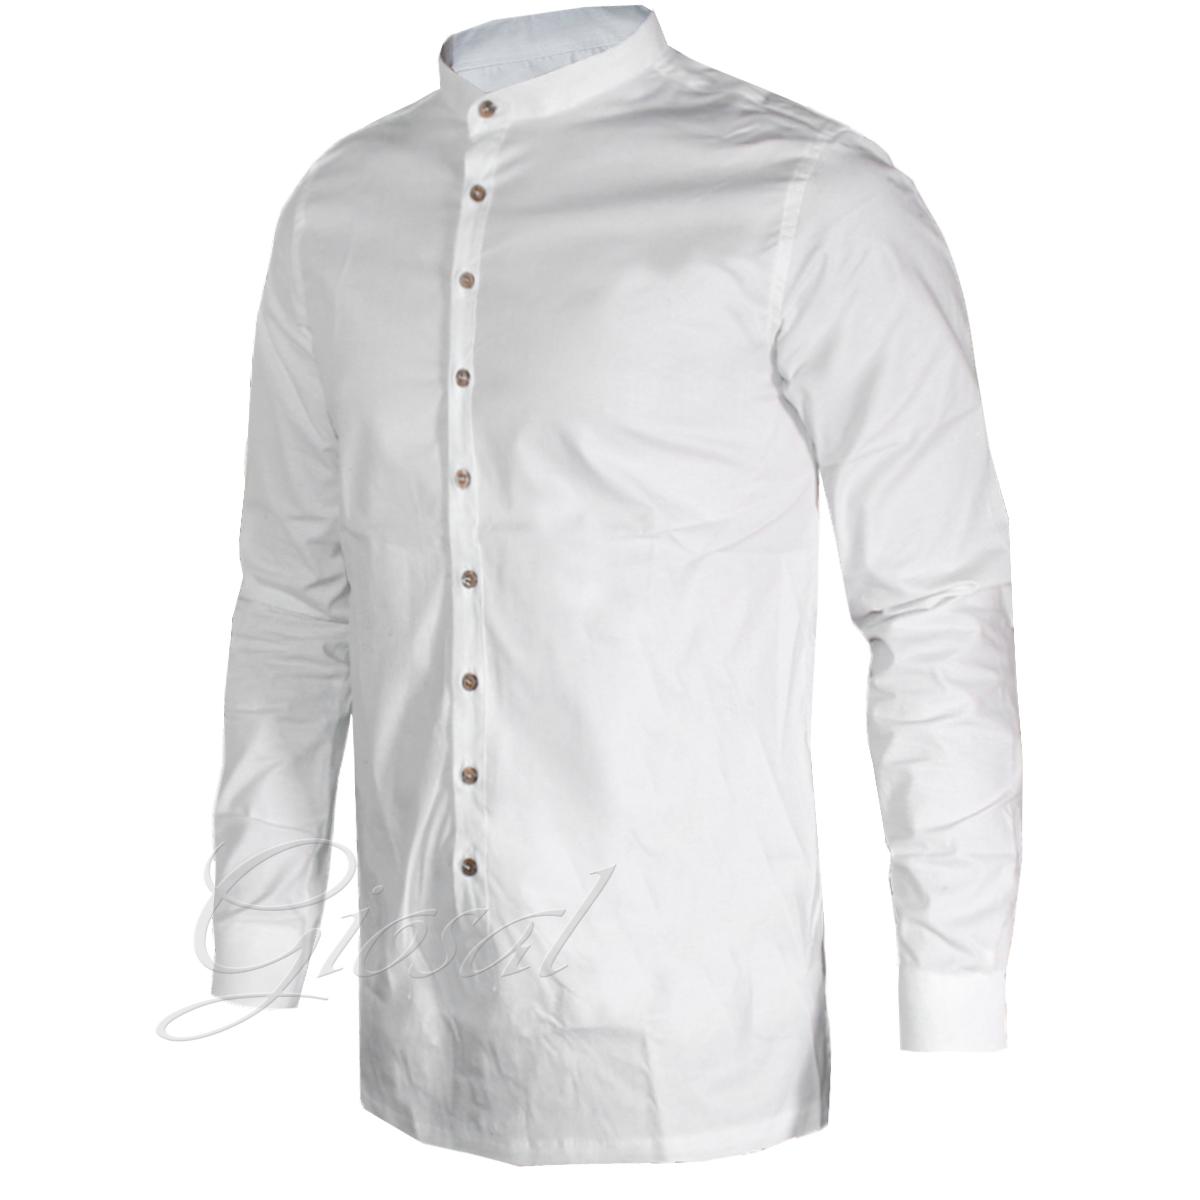 Camicia-Uomo-Over-D-Bottoni-Collo-Coreano-Tinta-Unita-Vari-Colori-Casual-GIOSAL miniatura 8